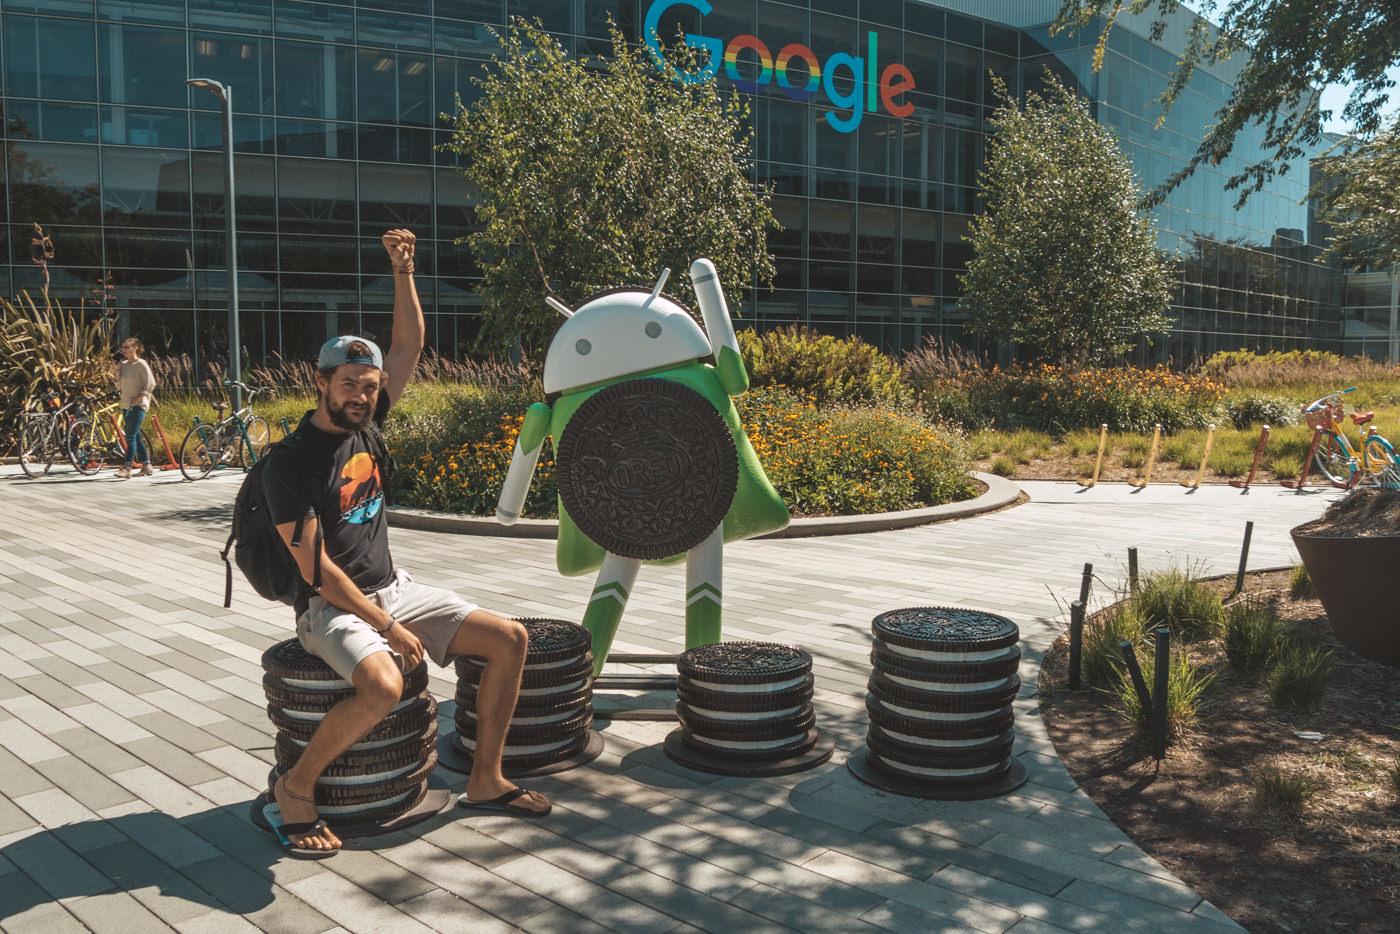 Matthias auf dem Google Campus mit Android